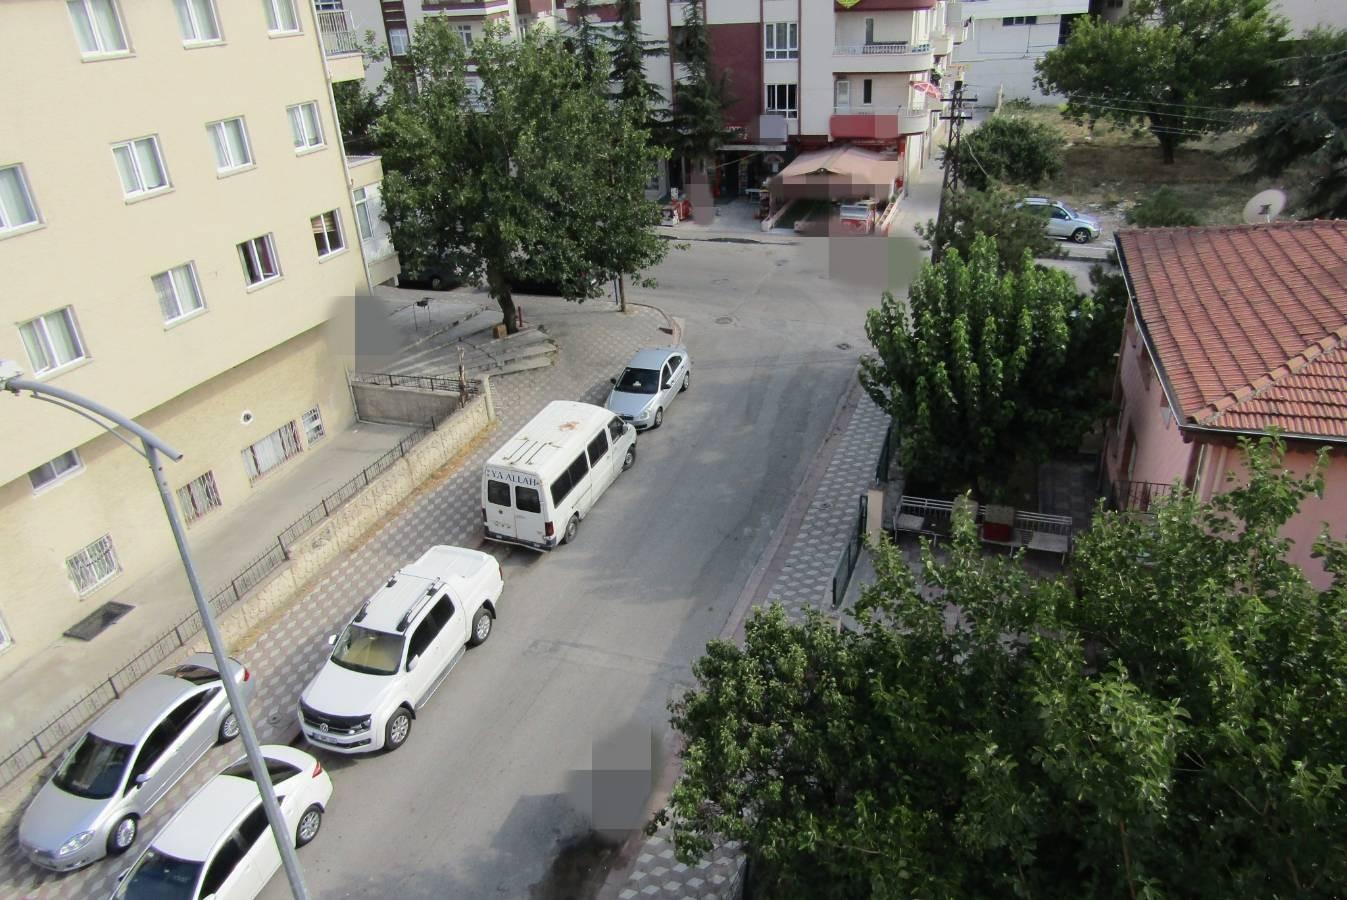 SR EMLAK'TAN K.KARABEKİR MAH'DE 4+2 220m²  BAĞIMSIZ ÖN CEPHE TERAS